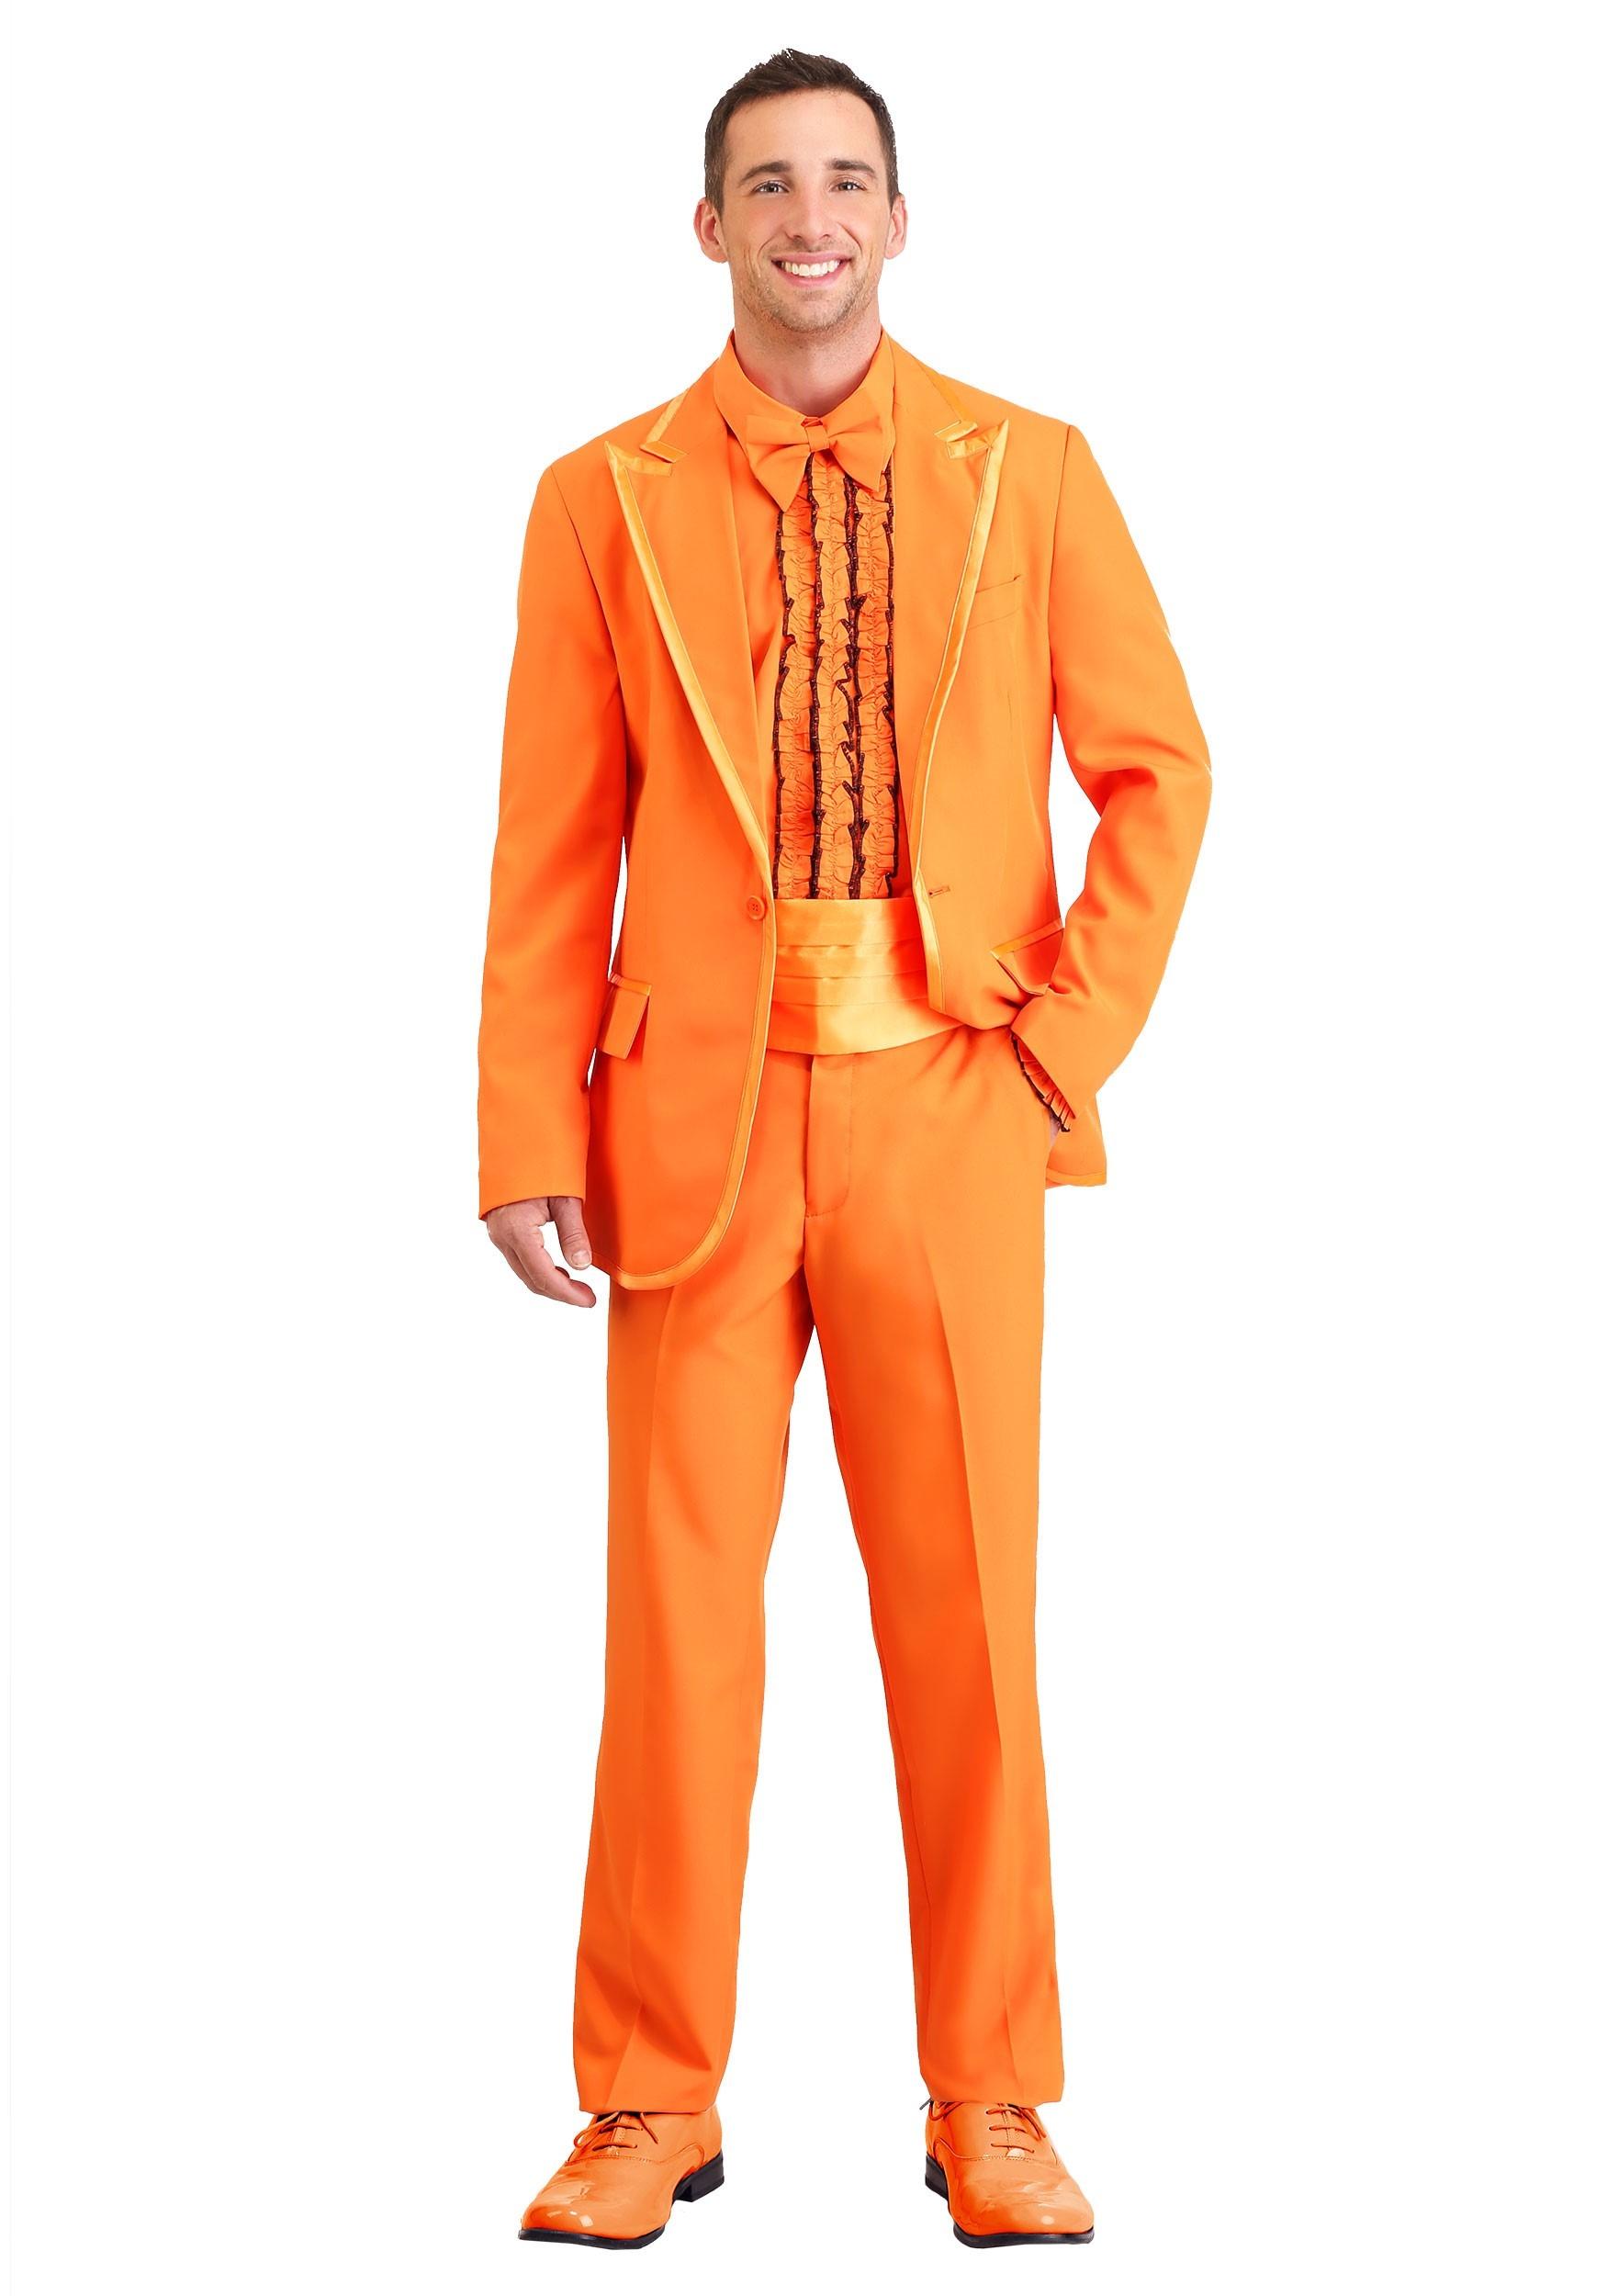 Adult Orange Tuxedo Costume